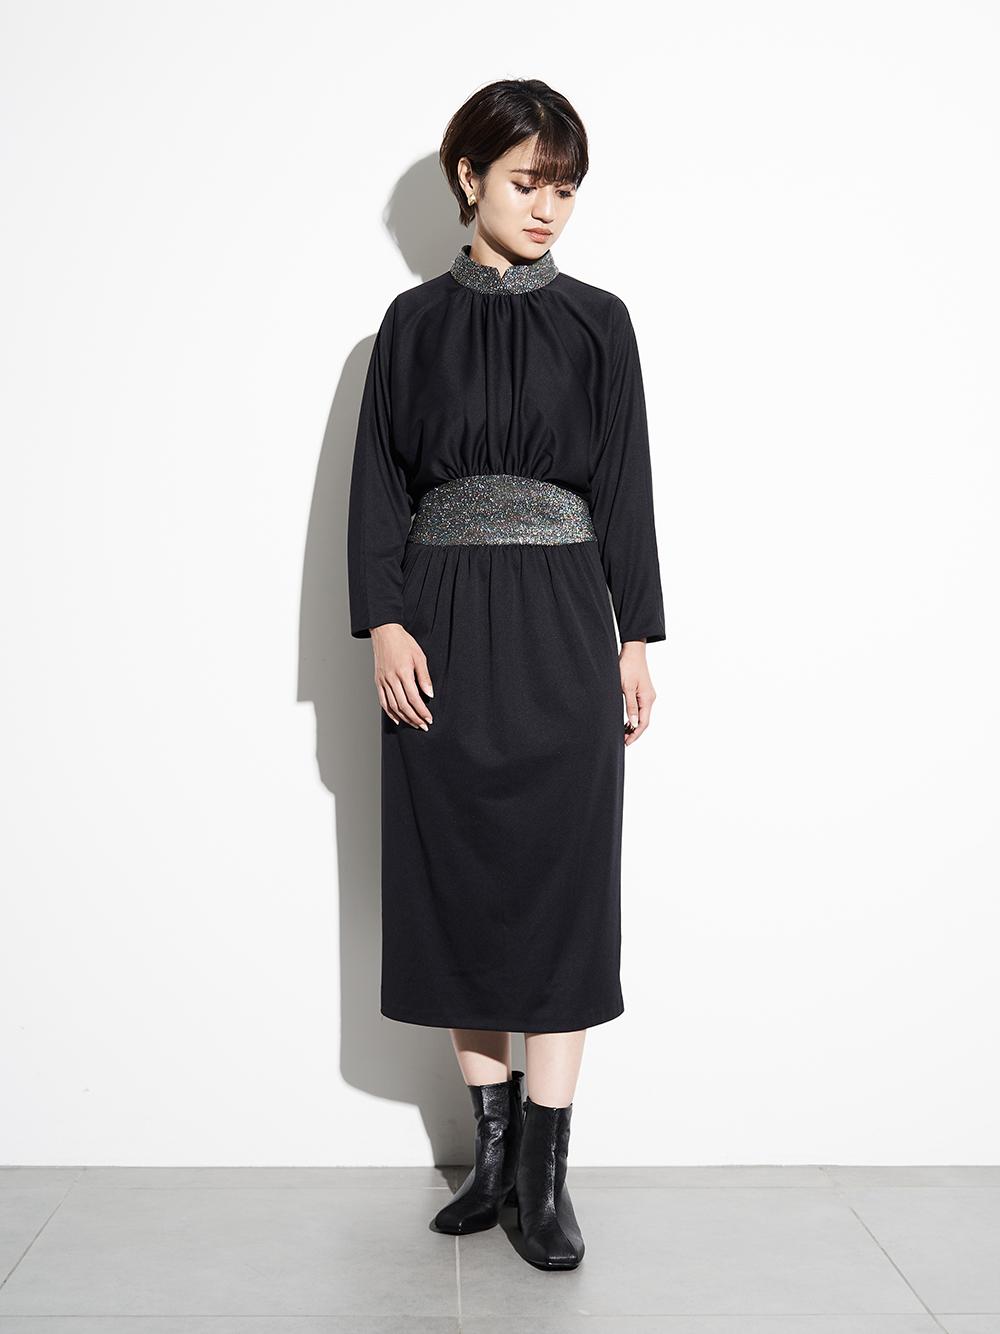 ヴィンテージブラックラメドレス